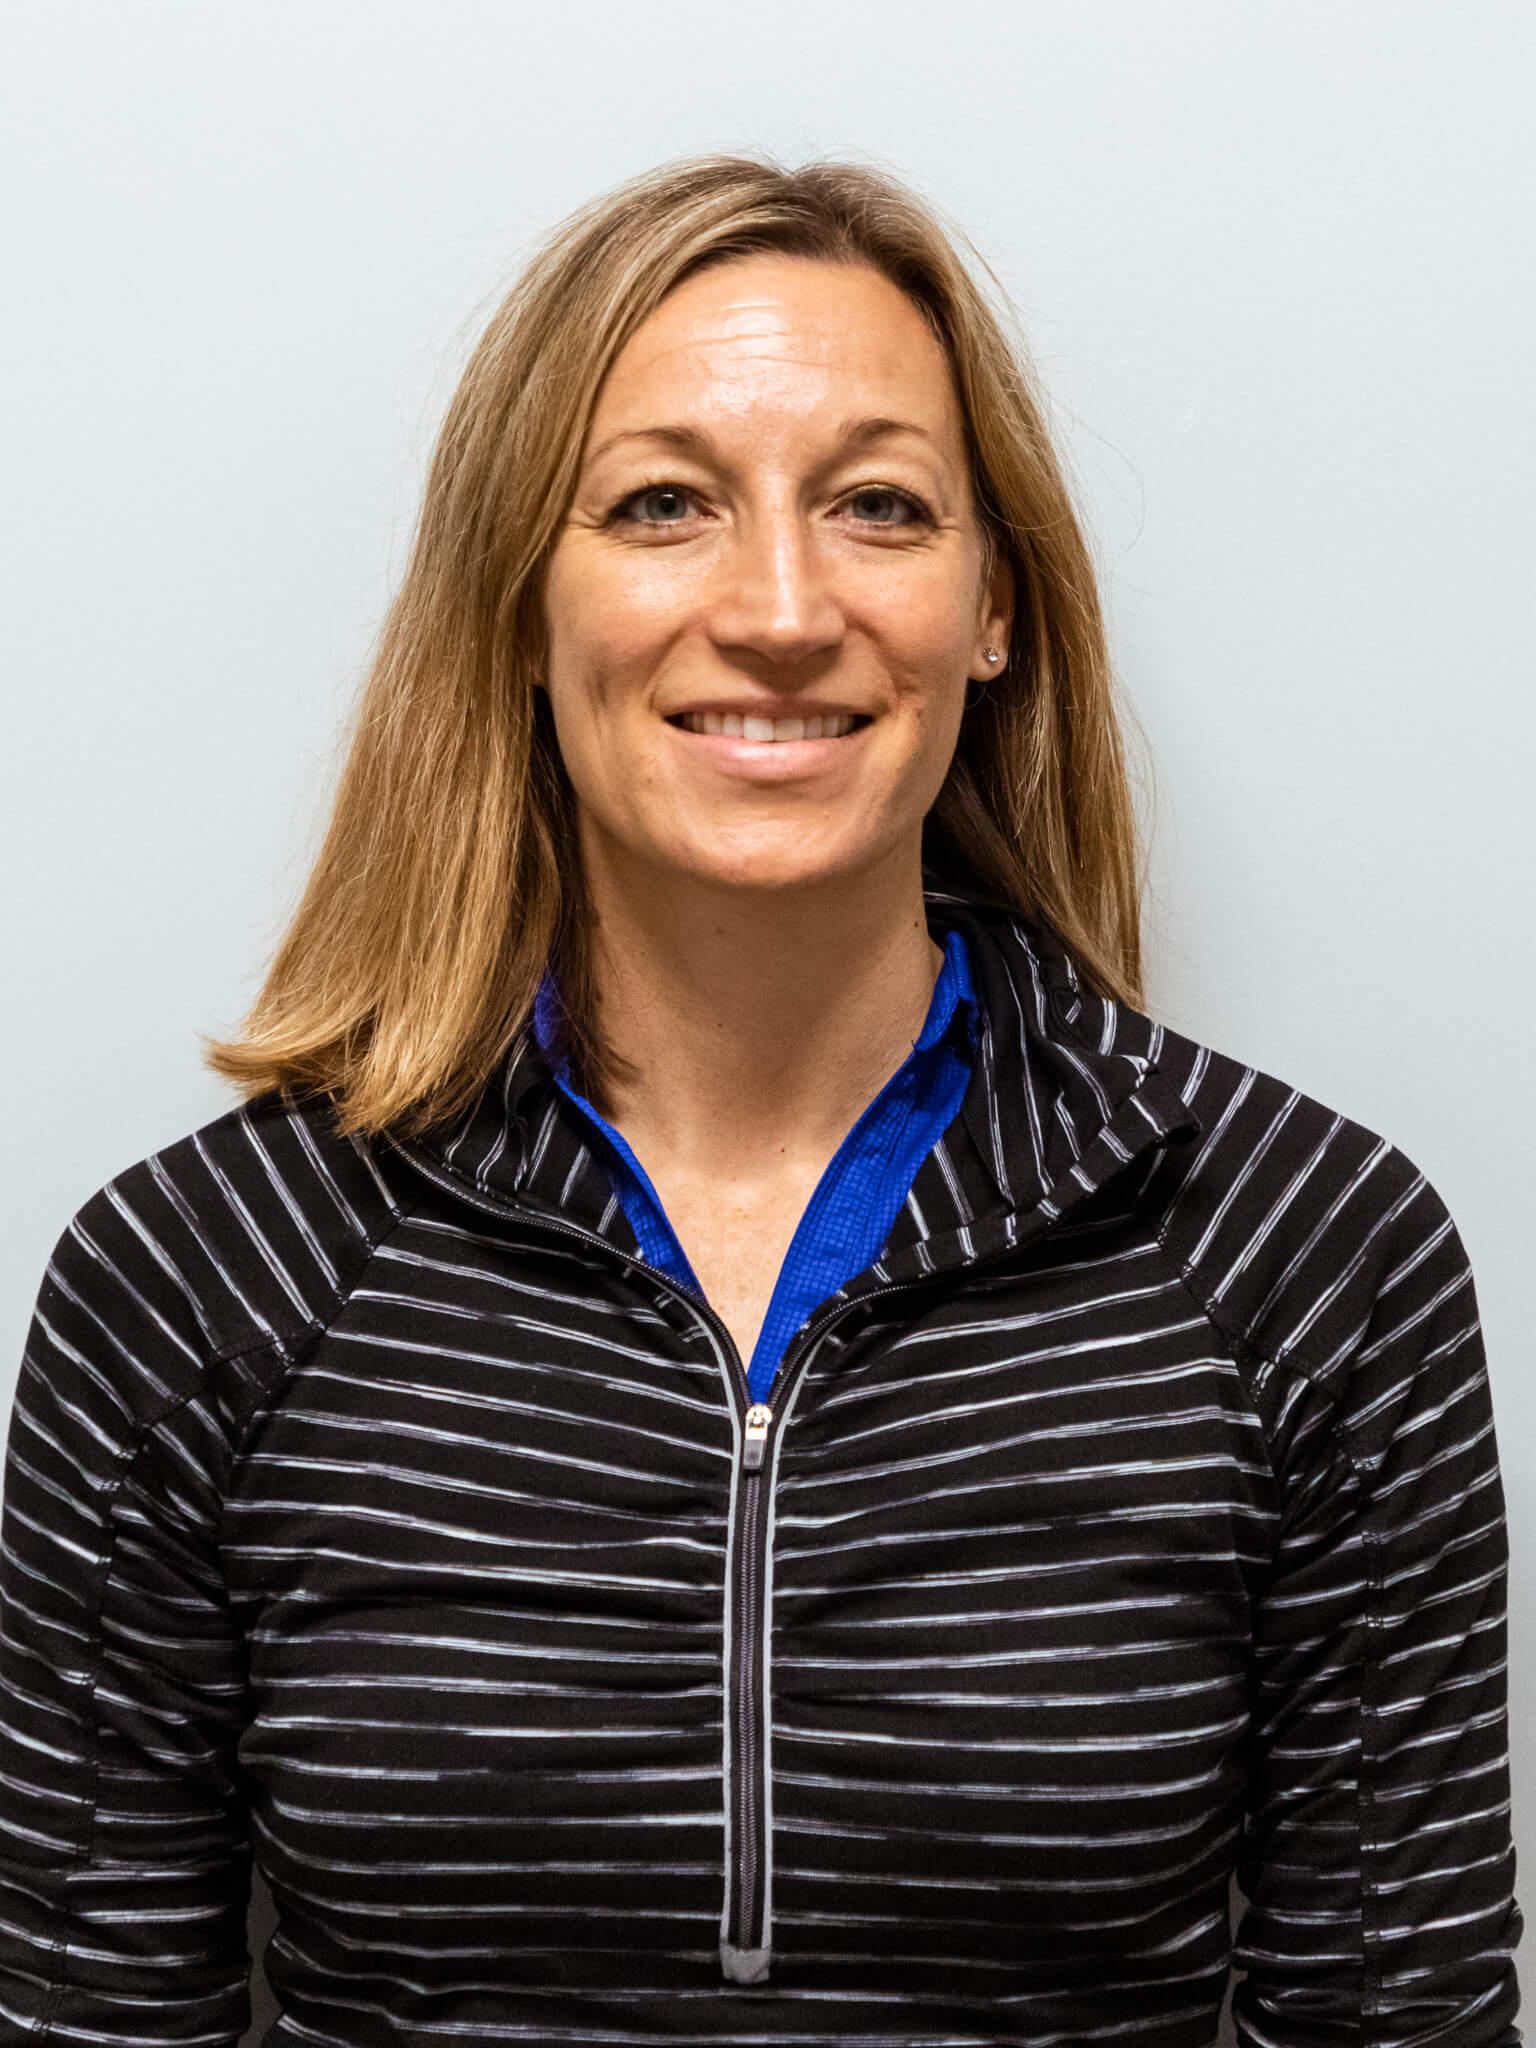 Katie DoVico